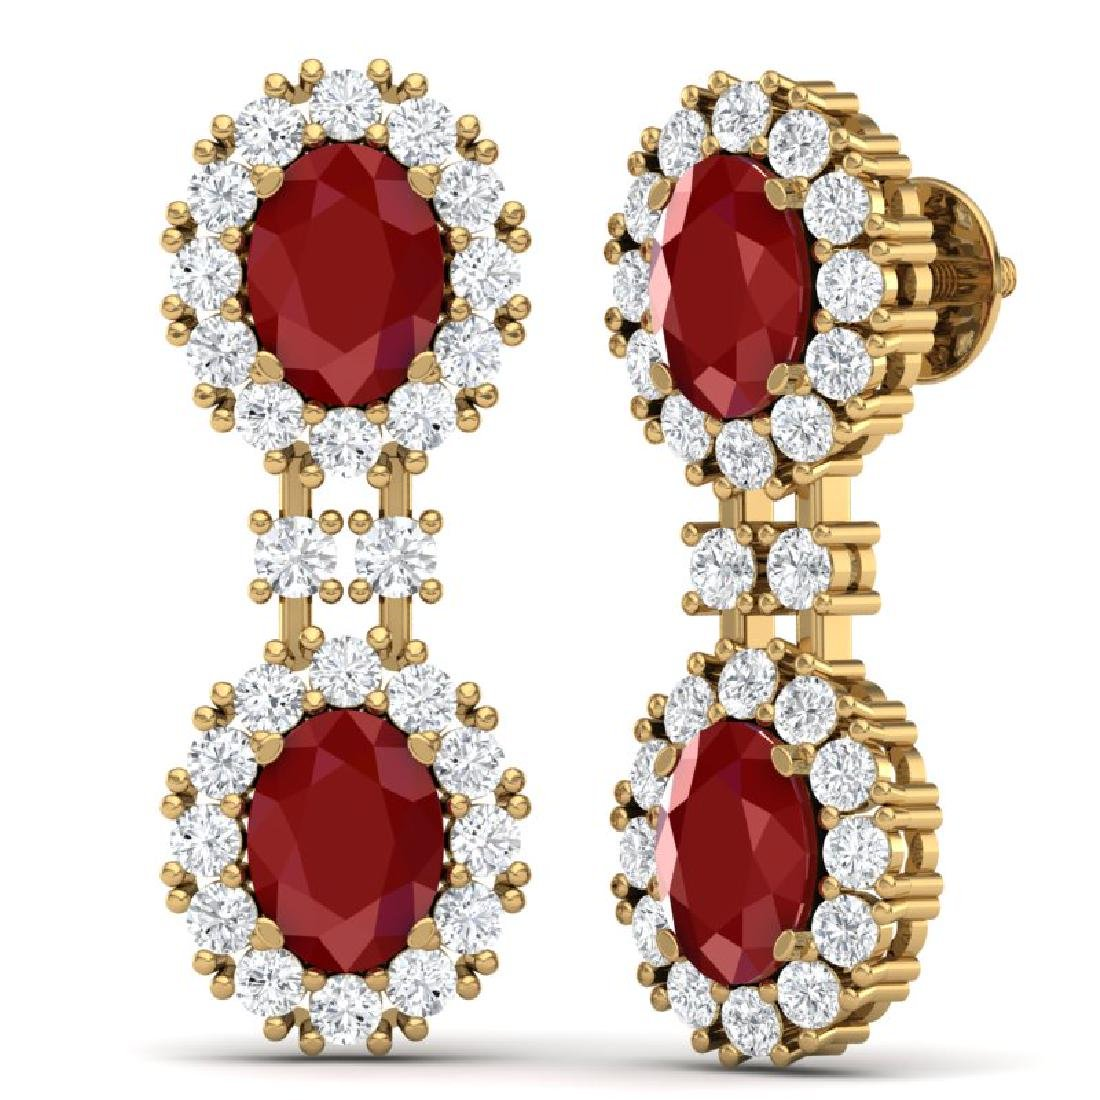 8.98 CTW Royalty Designer Ruby & VS Diamond Earrings - 3